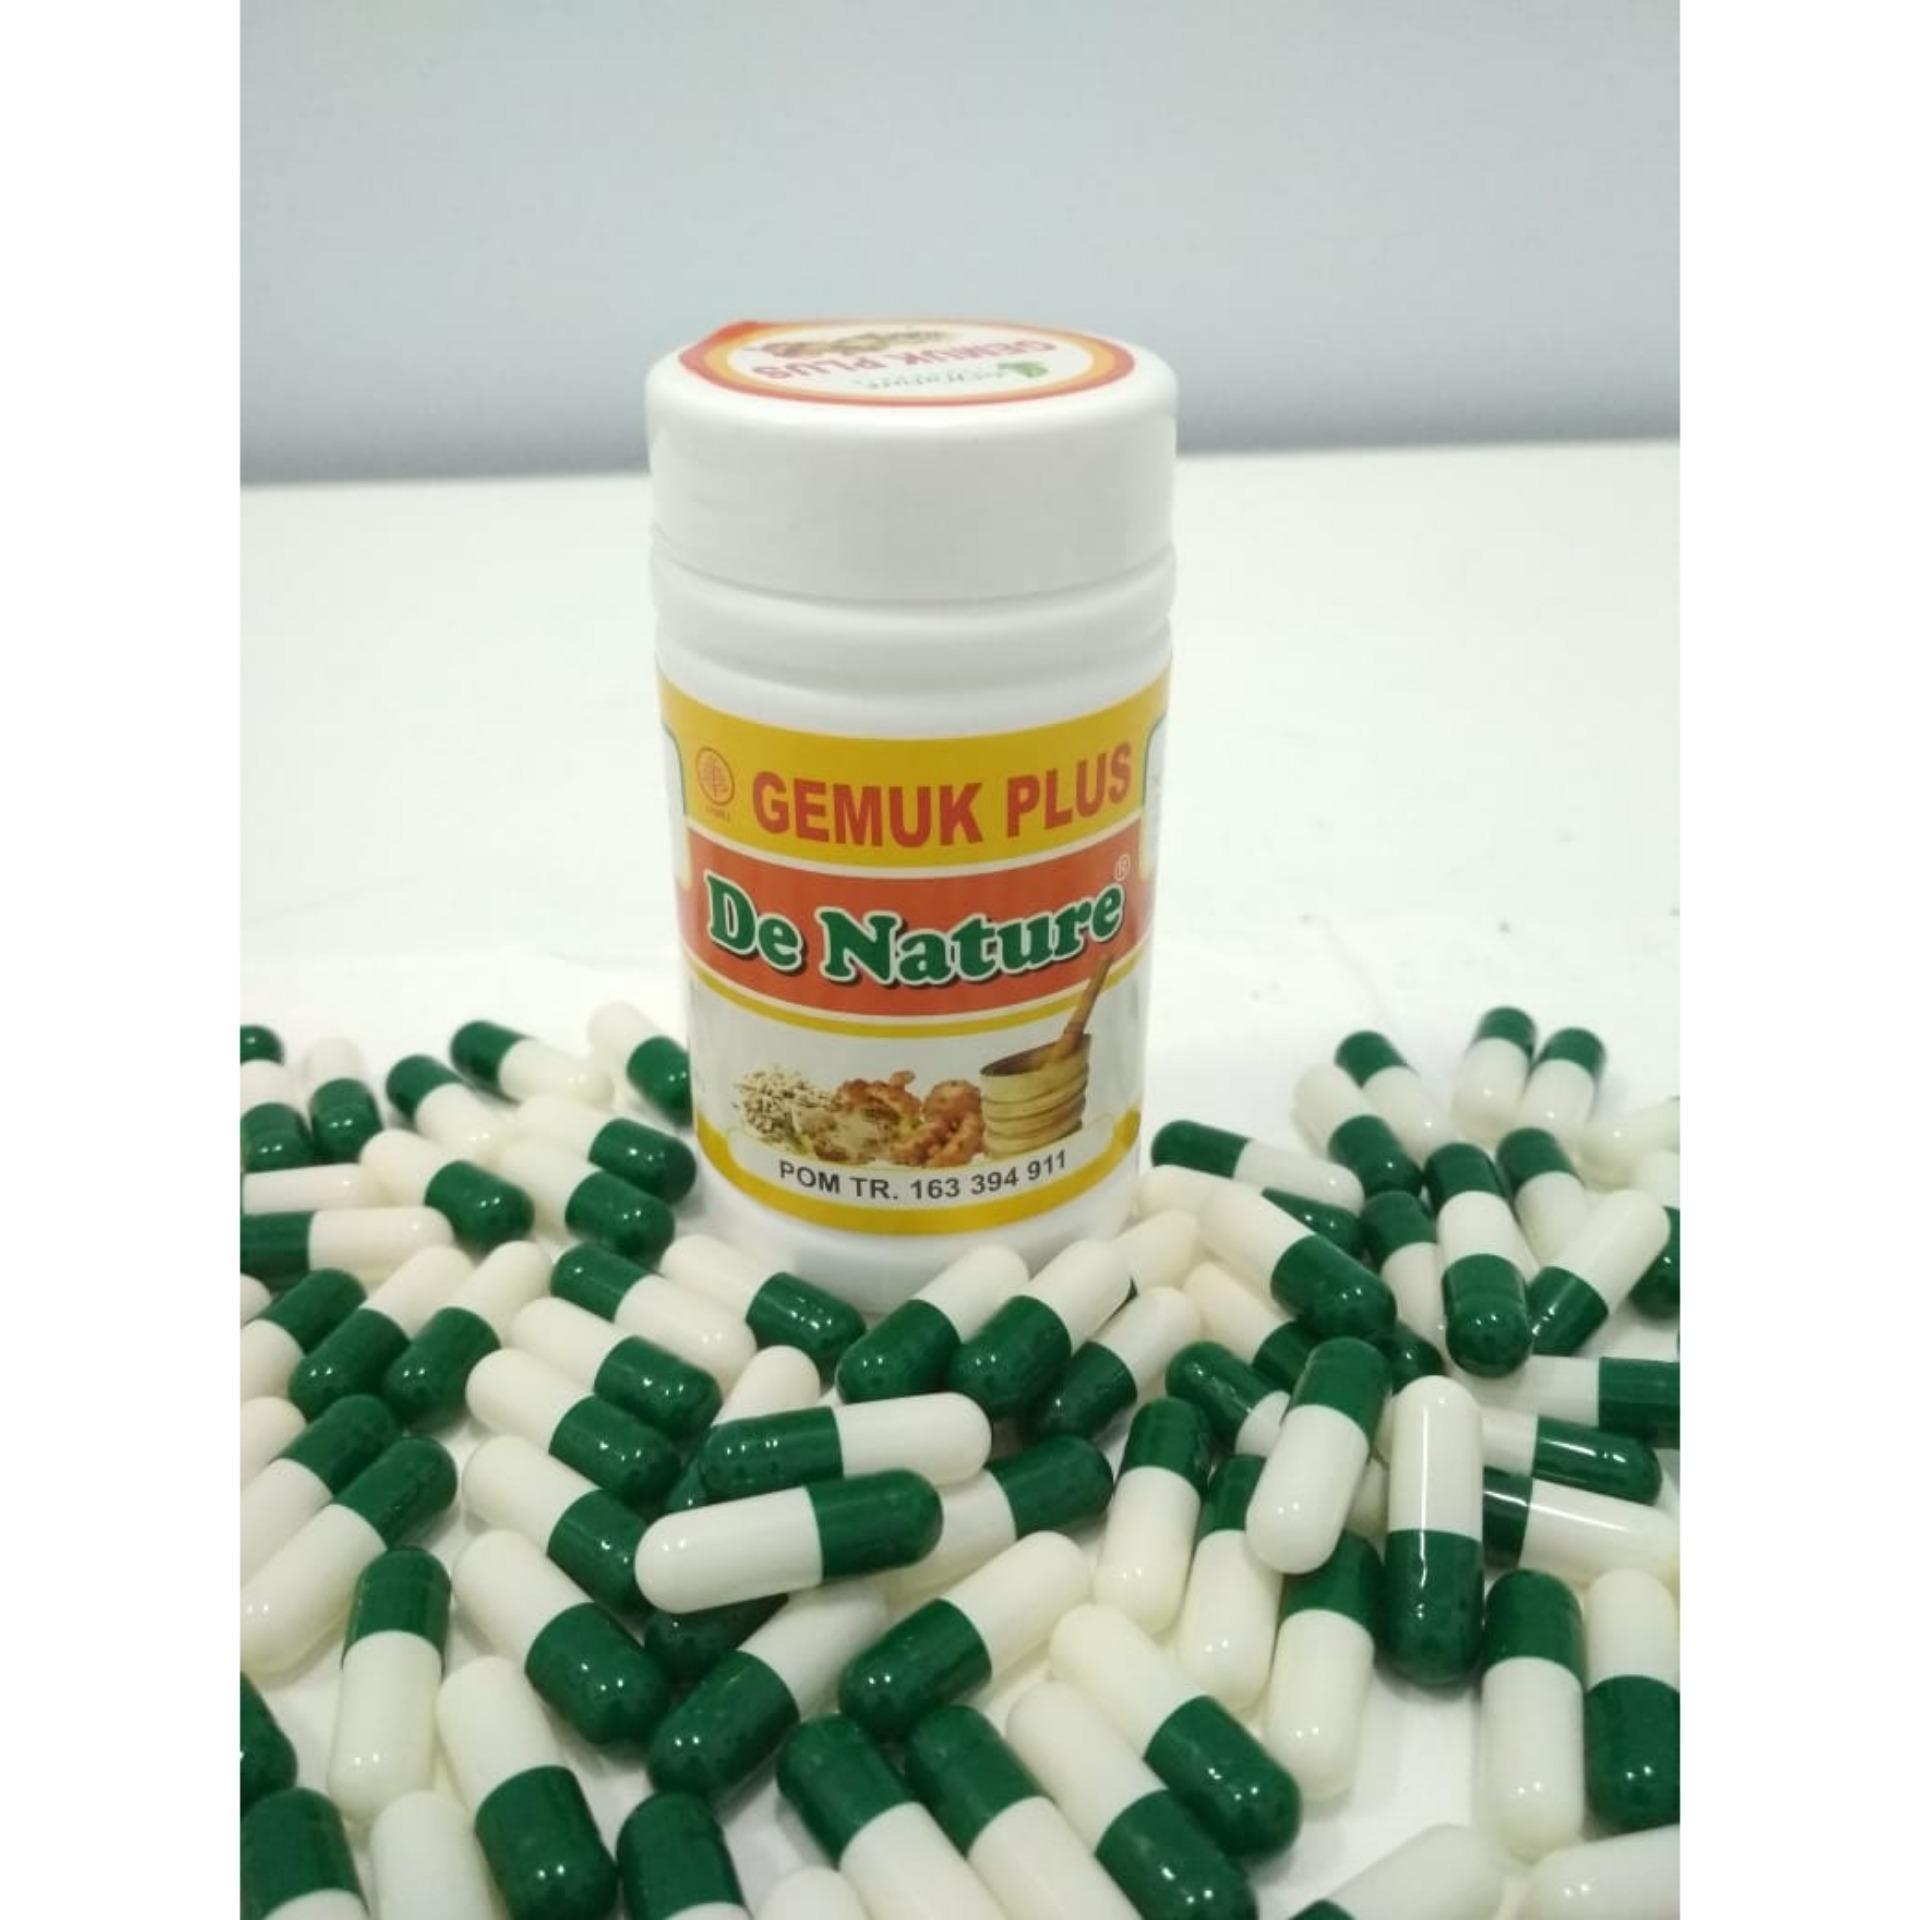 Buy Sell Cheapest Best Obat Gemuk Quality Product Deals Sam Yun Wan Samyunwan Samyun Wisdom Original Penambah Nafsu Makan Plus Asli Menggemukan Badan Dan Secara Cepat Serta Aman De Nature